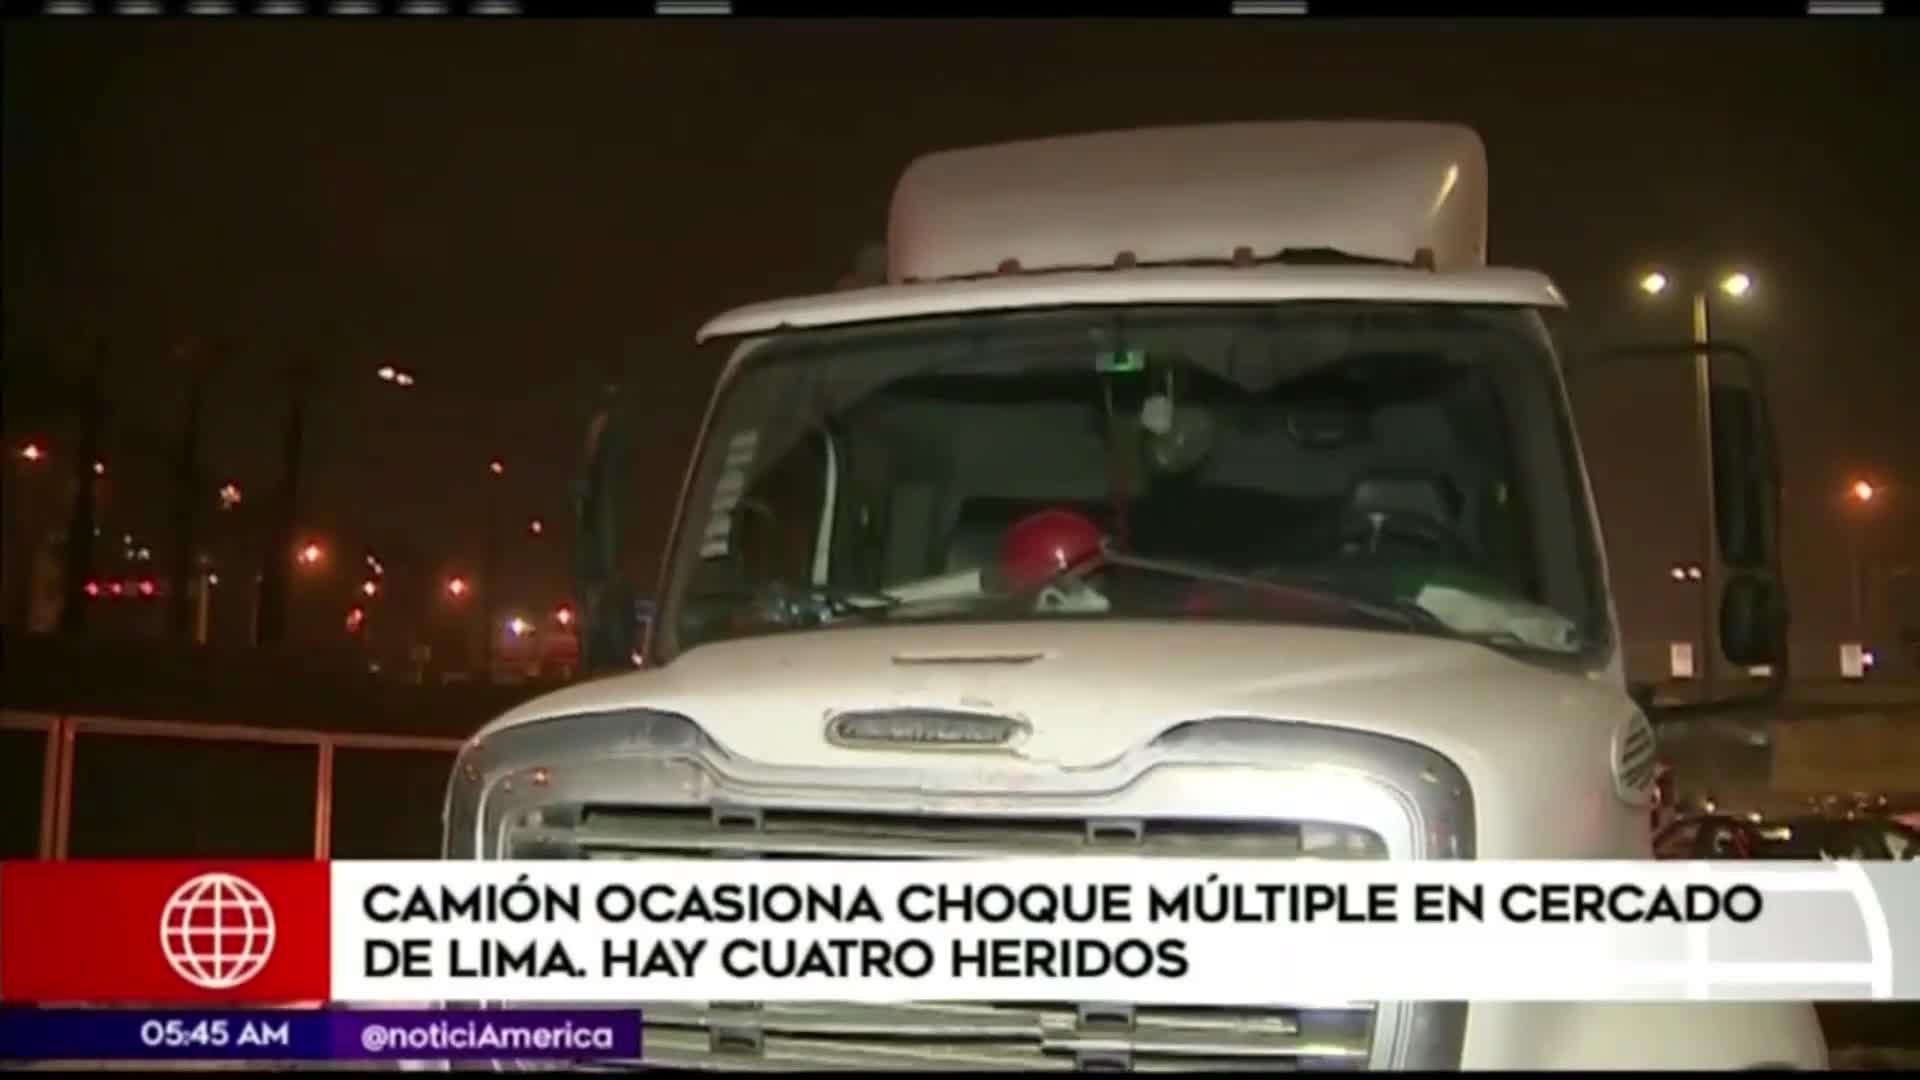 Cercado de Lima: accidente deja cuatro heridos